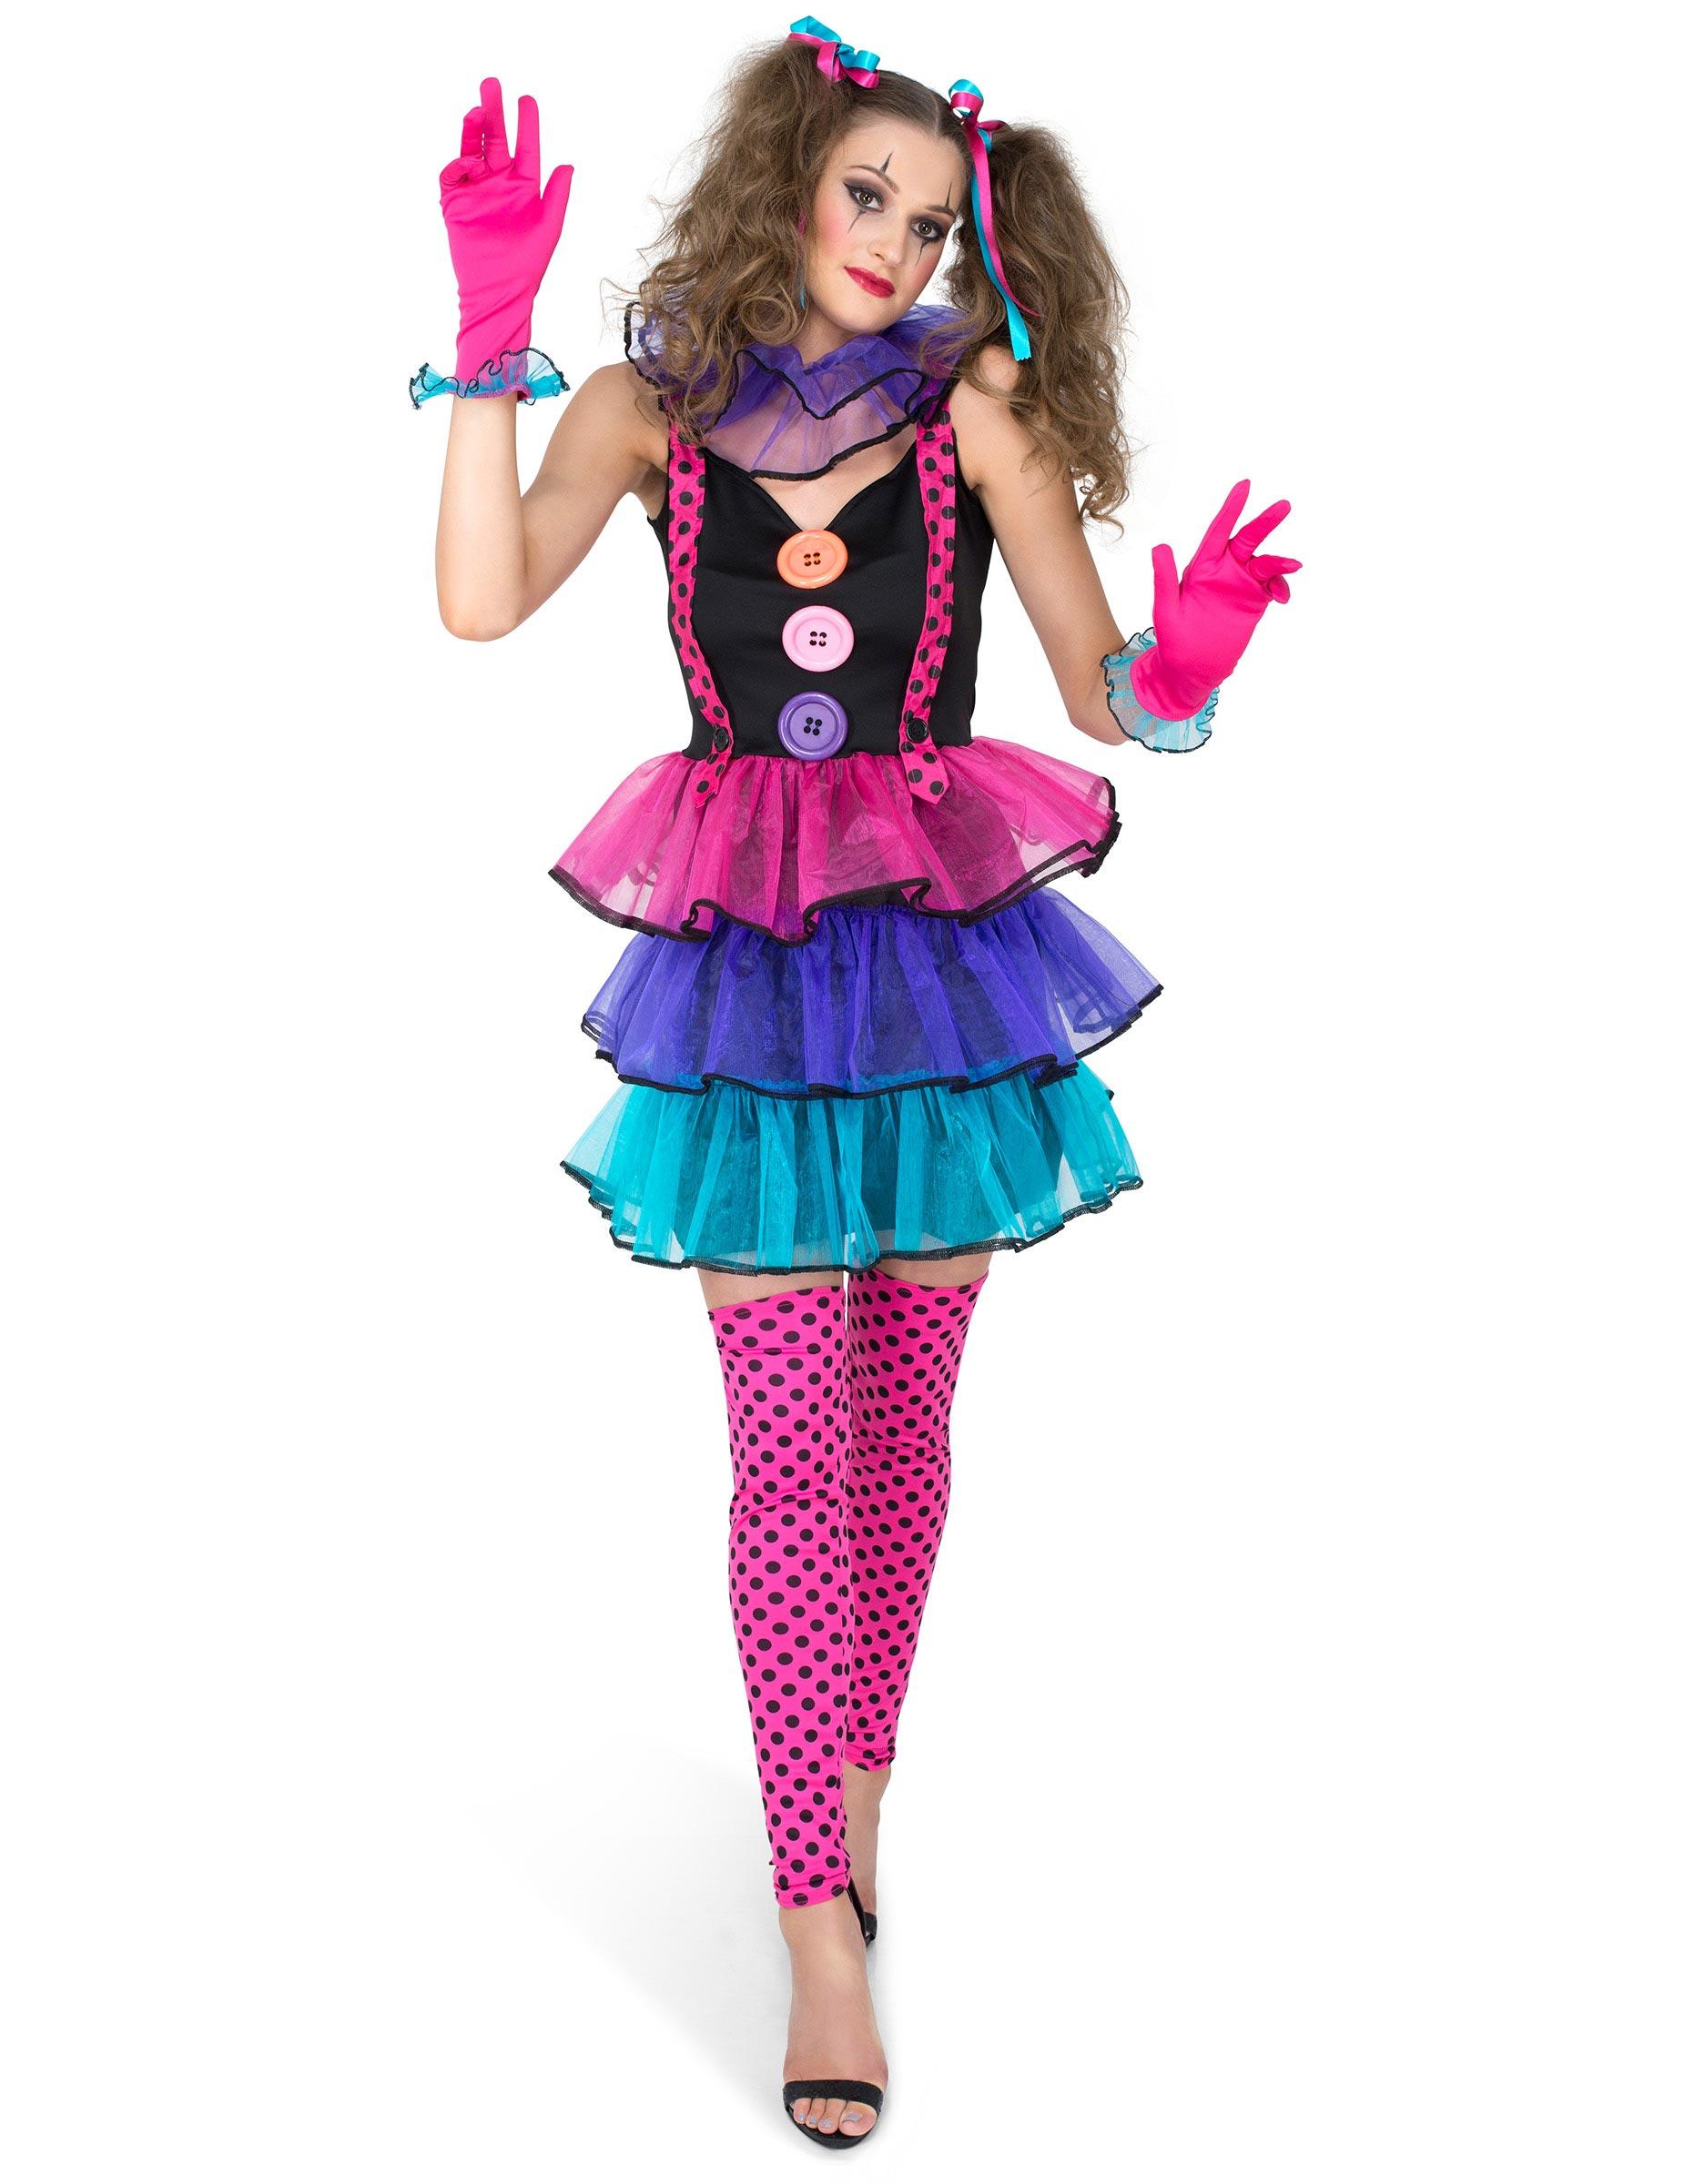 d guisement clown du carnaval femme deguise toi achat de d guisements adultes. Black Bedroom Furniture Sets. Home Design Ideas